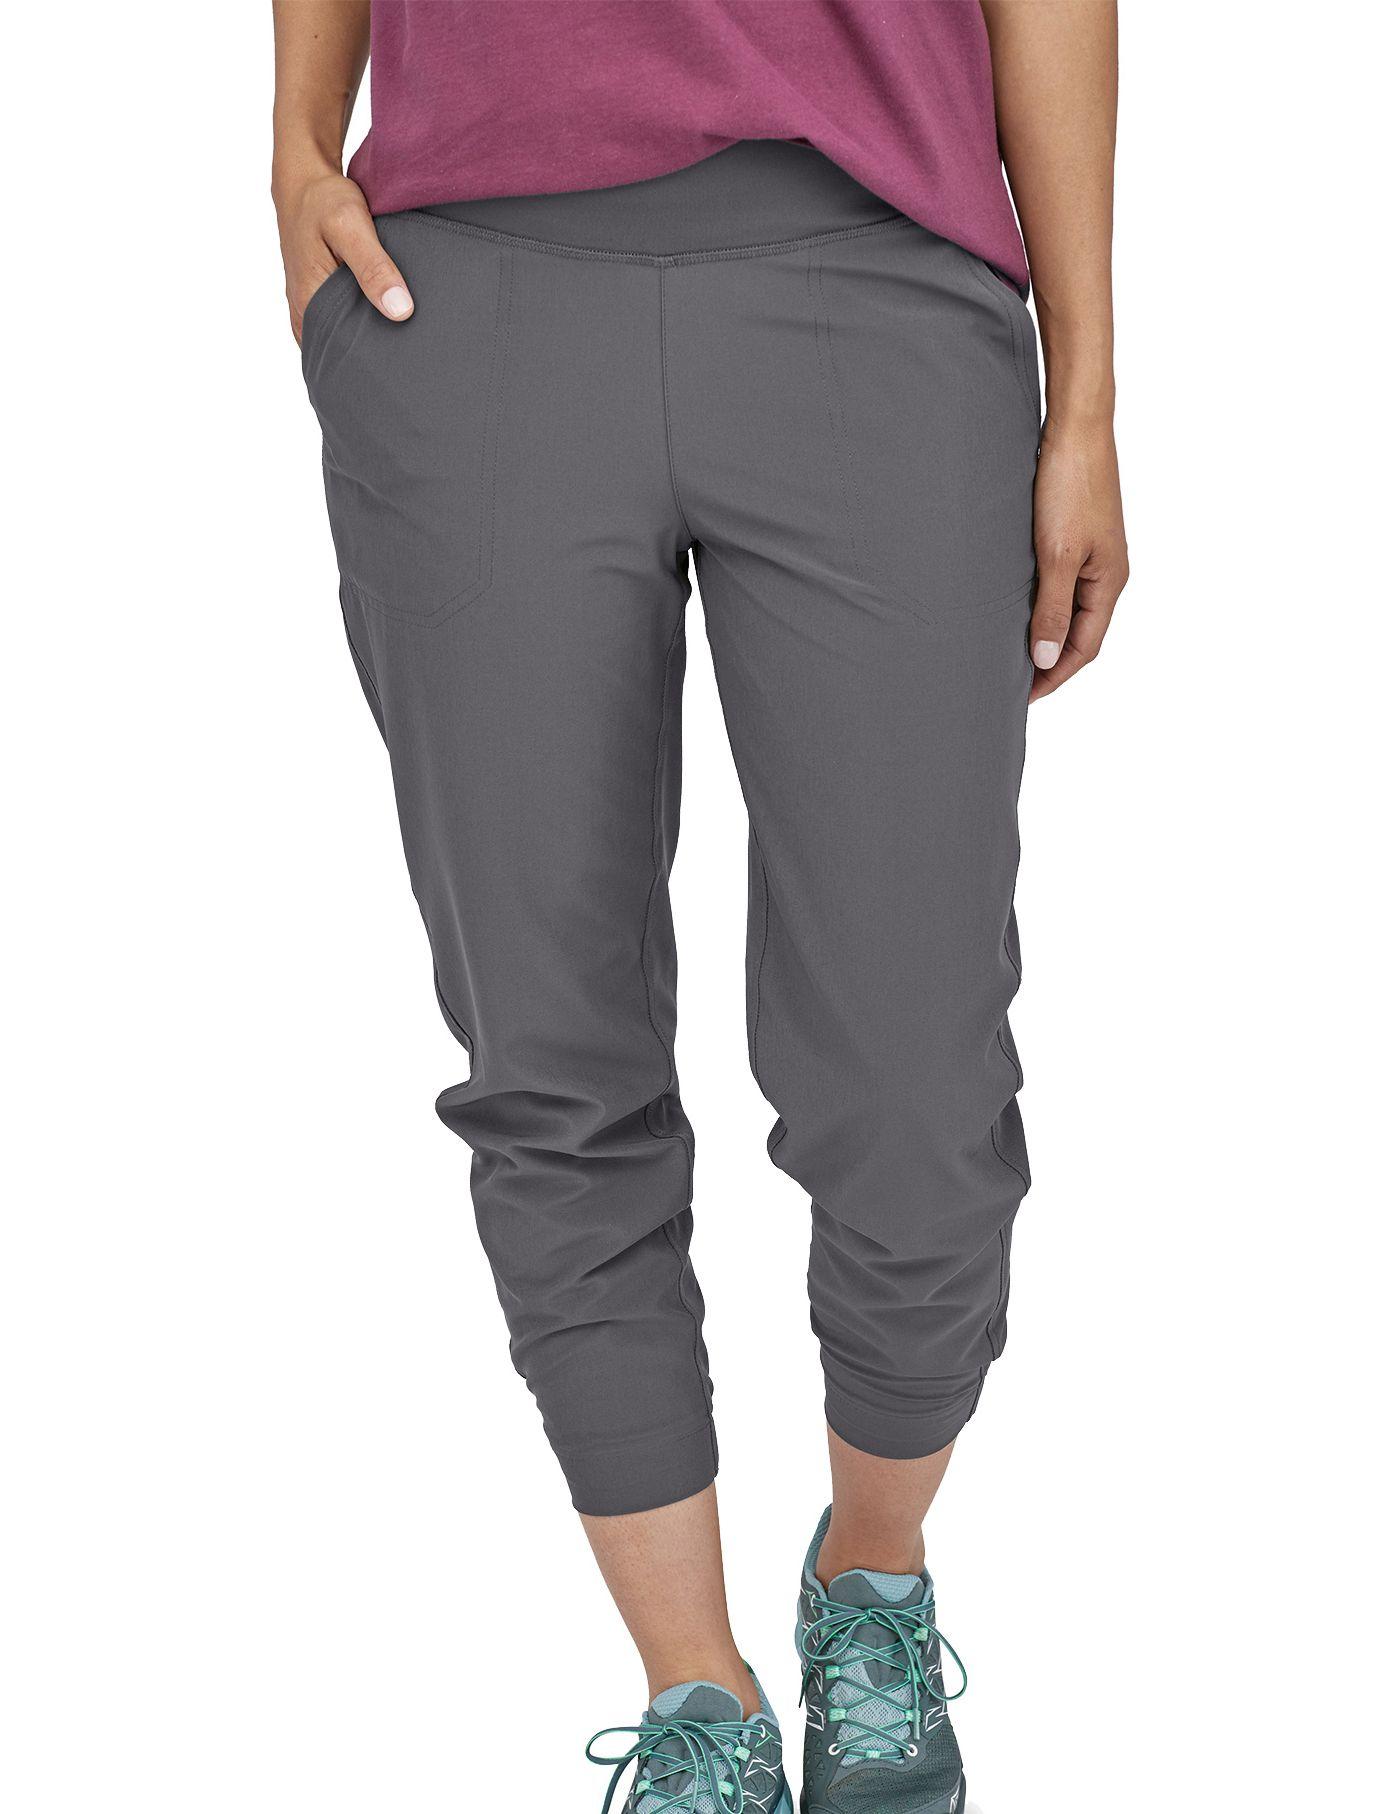 Patagonia Women's Happy Hike Studio Jogger Pants